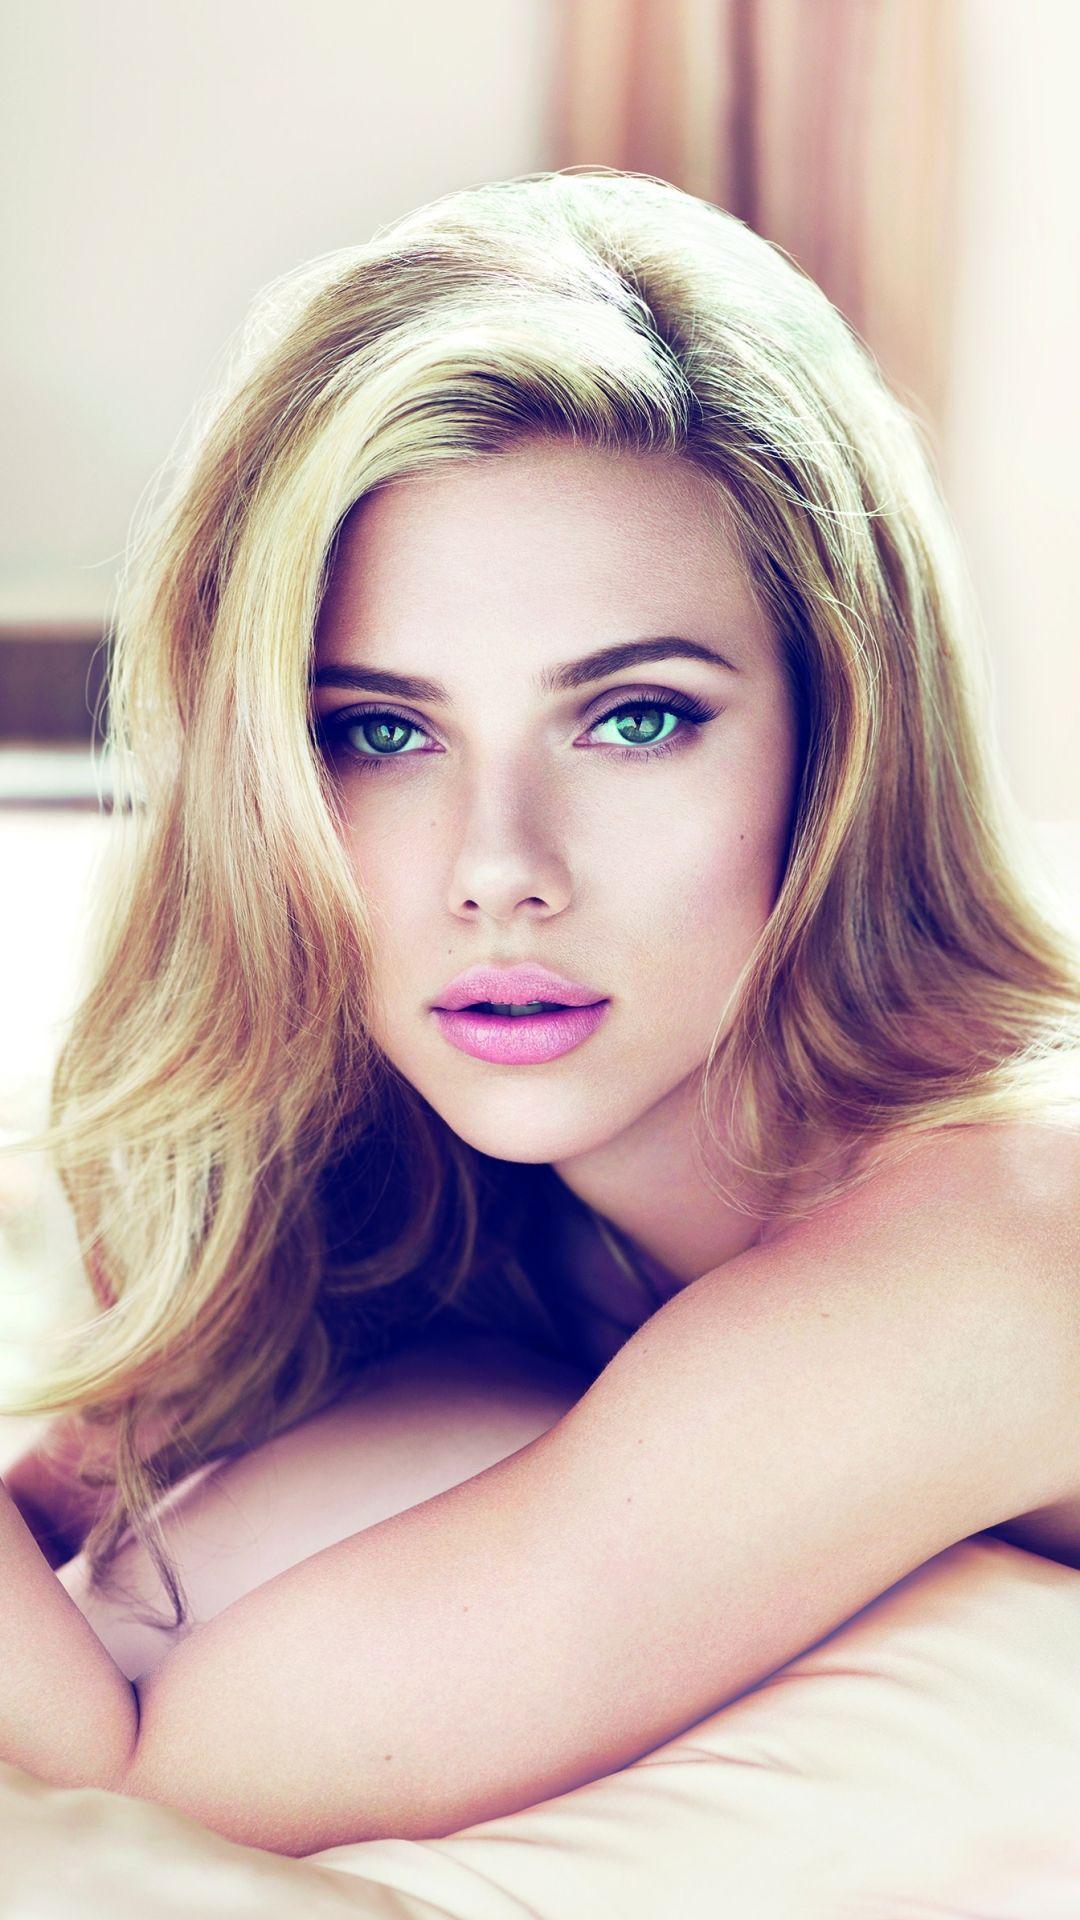 Scarlett Johansson Wallpapers - Top Free Scarlett ...